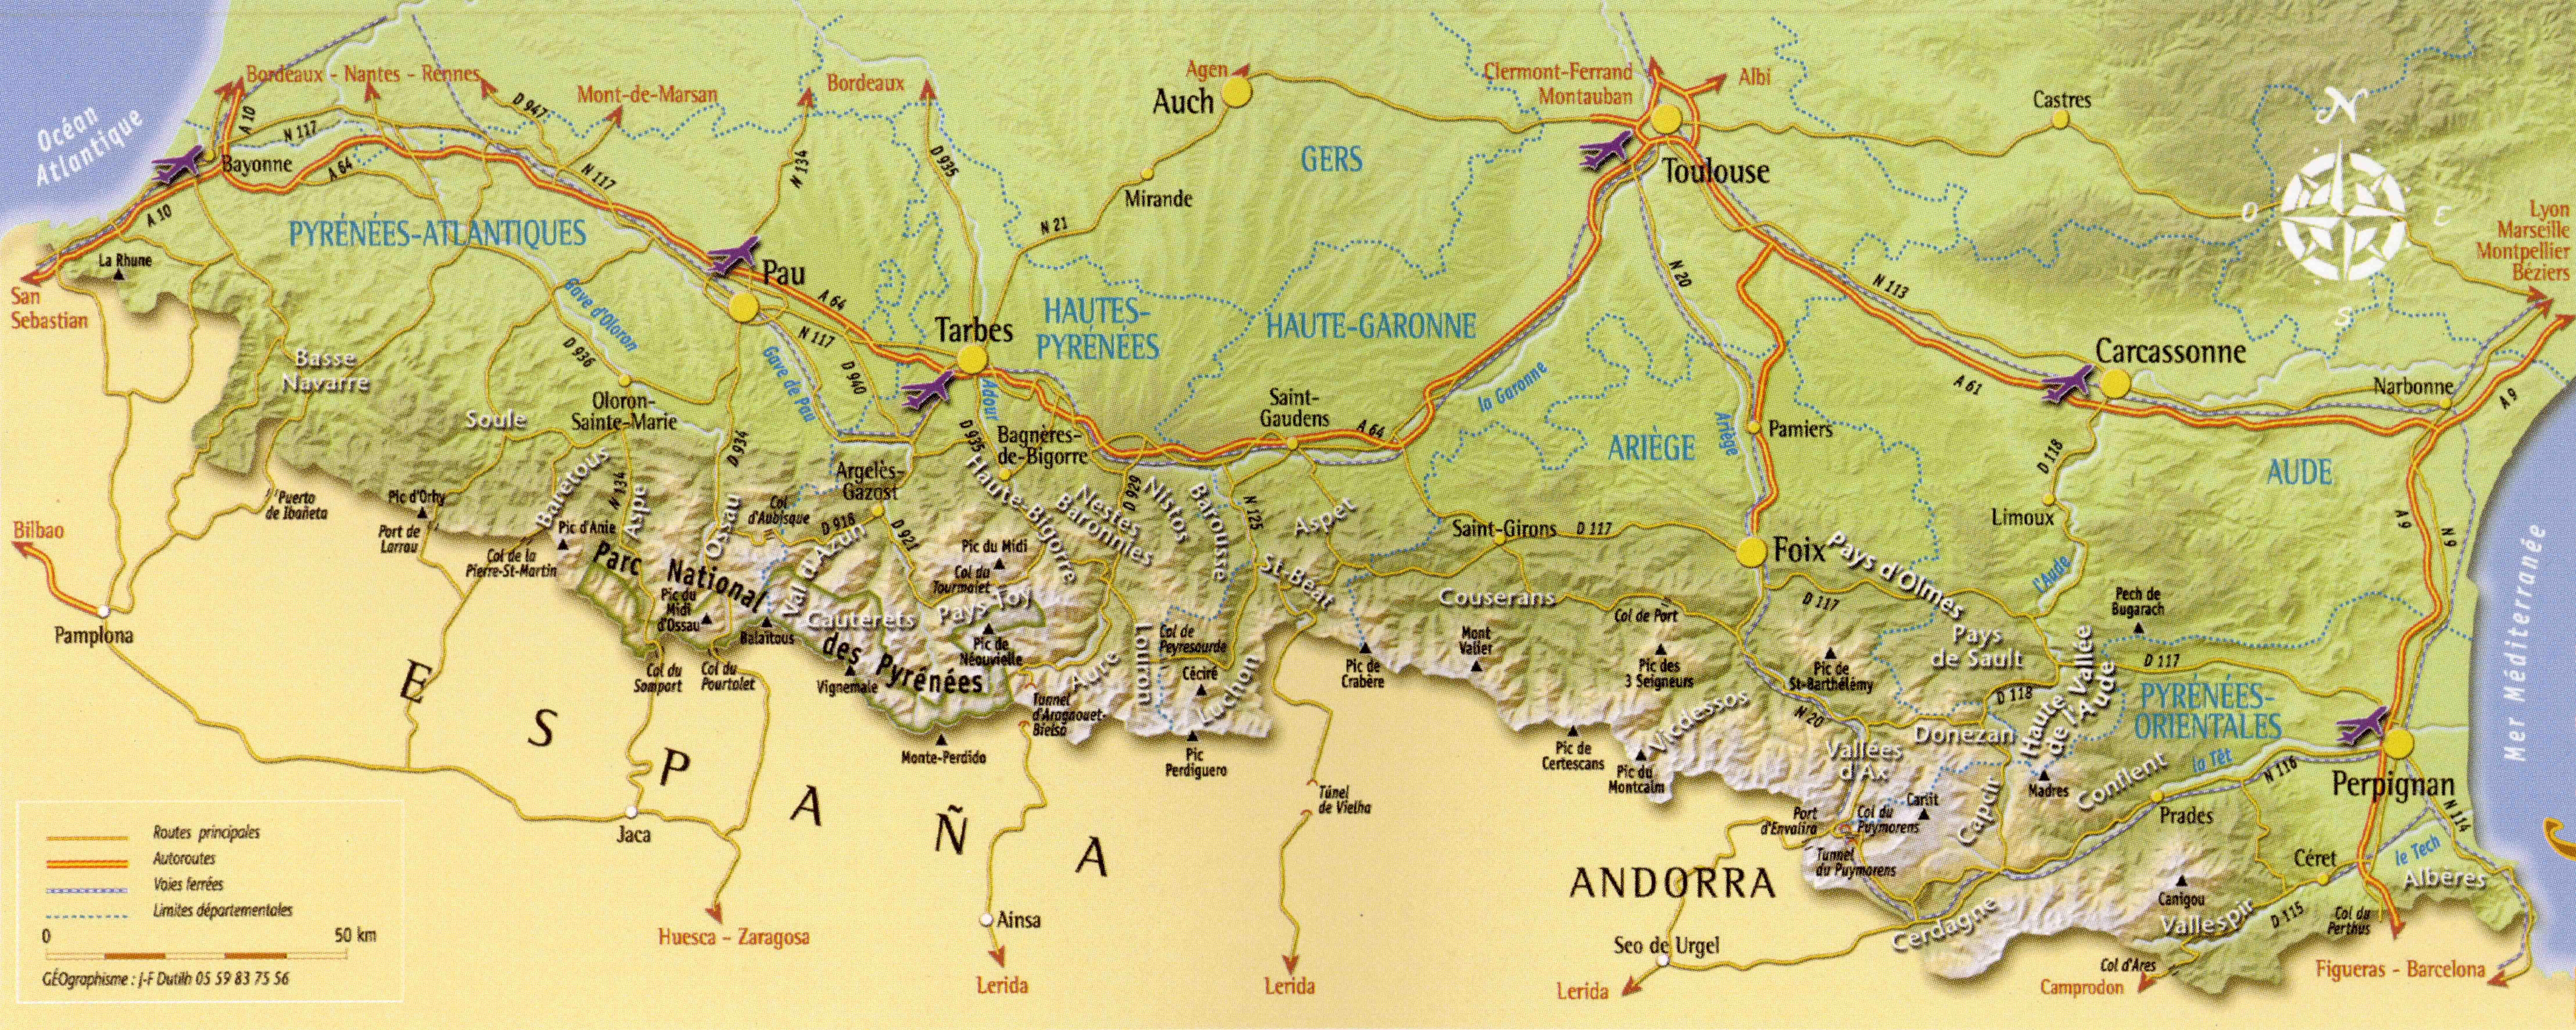 carte des les pyrenees